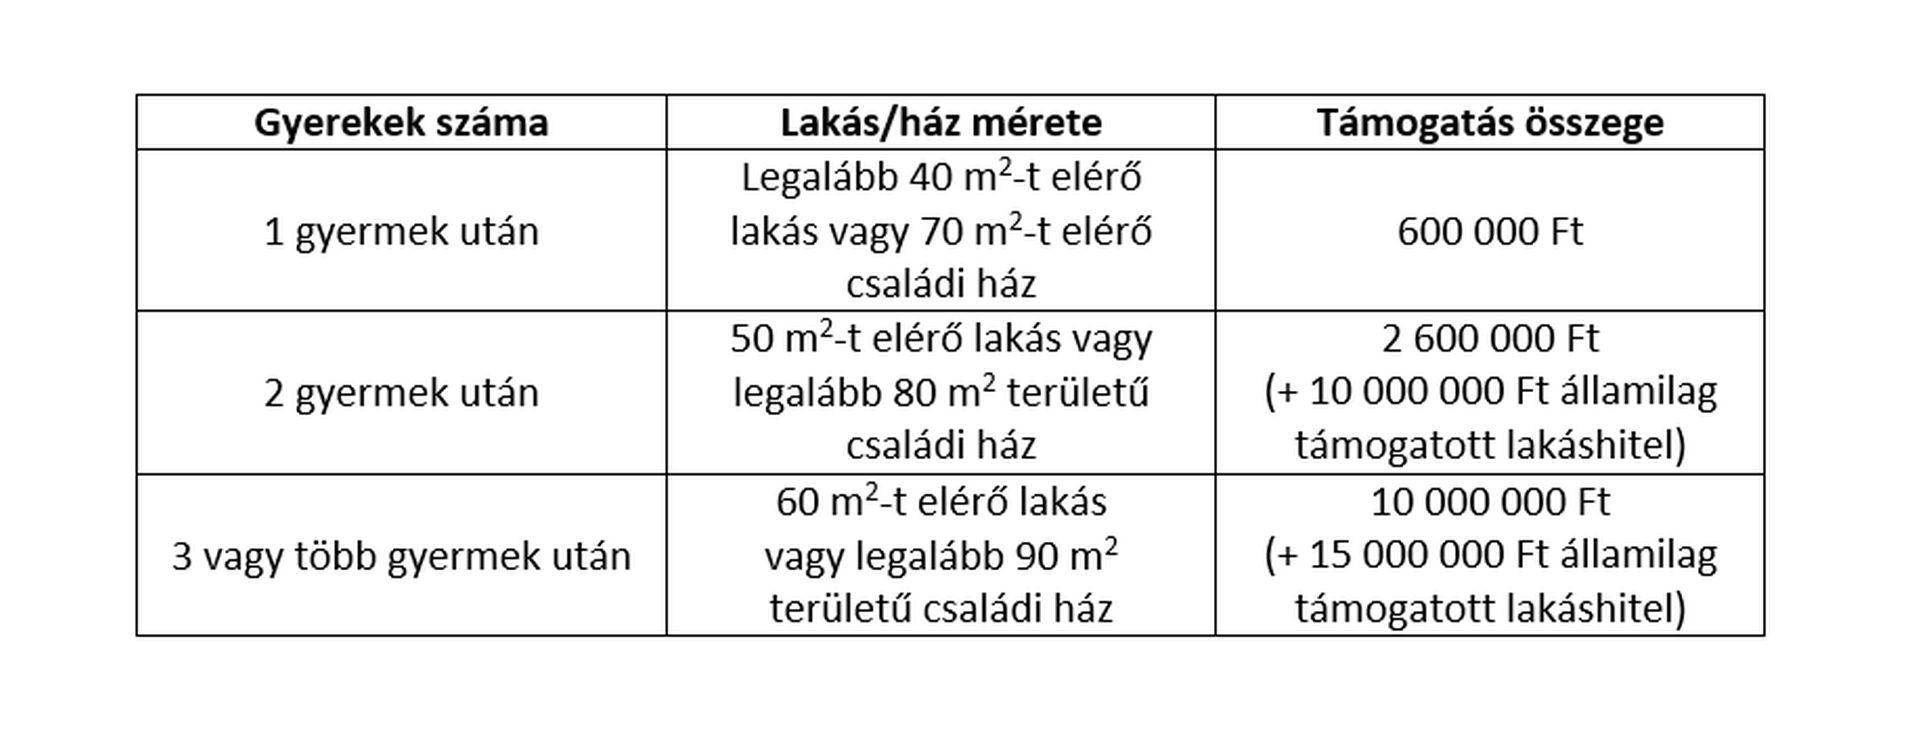 lentetsov különbségek a férgekkel